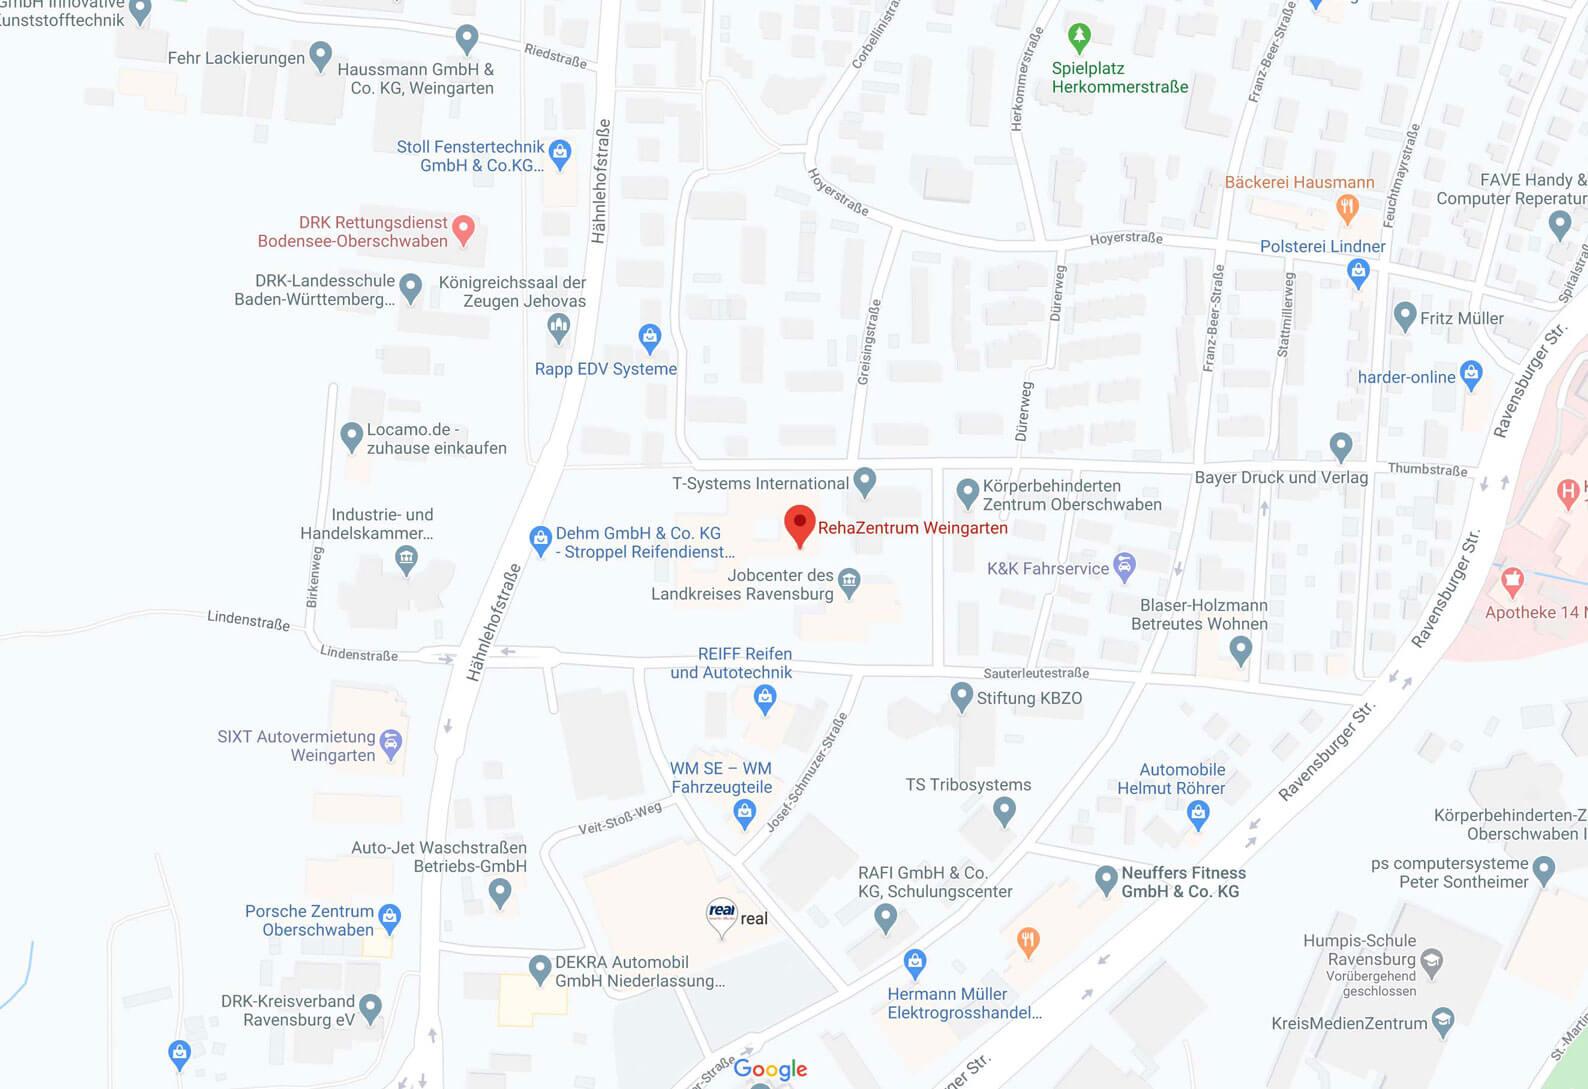 Karte Rehazentrum Weingarten